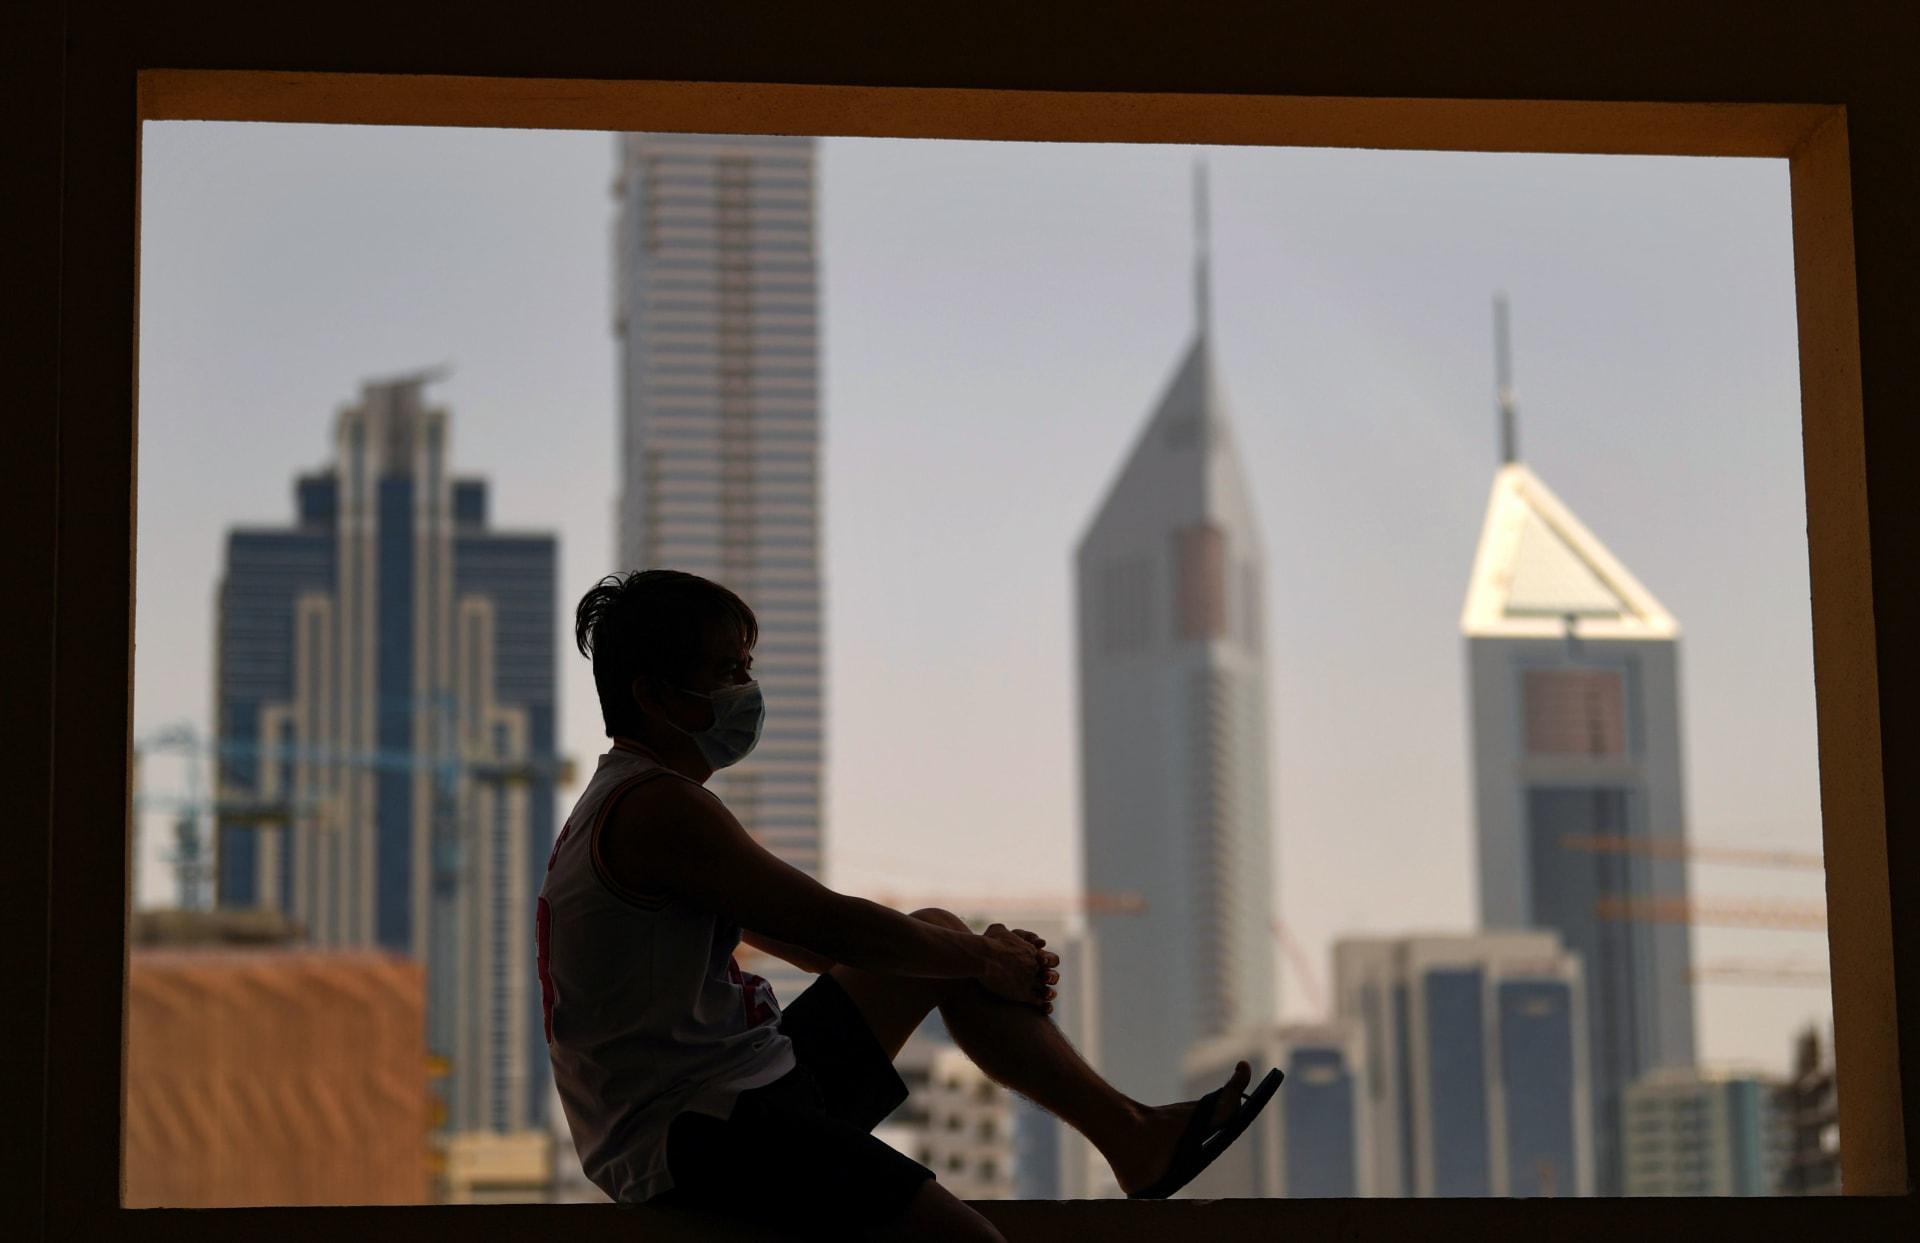 """الإمارات تطلق مبادرة """"الإجازة المبكرة"""" في ظل تفشي فيروس كورونا"""